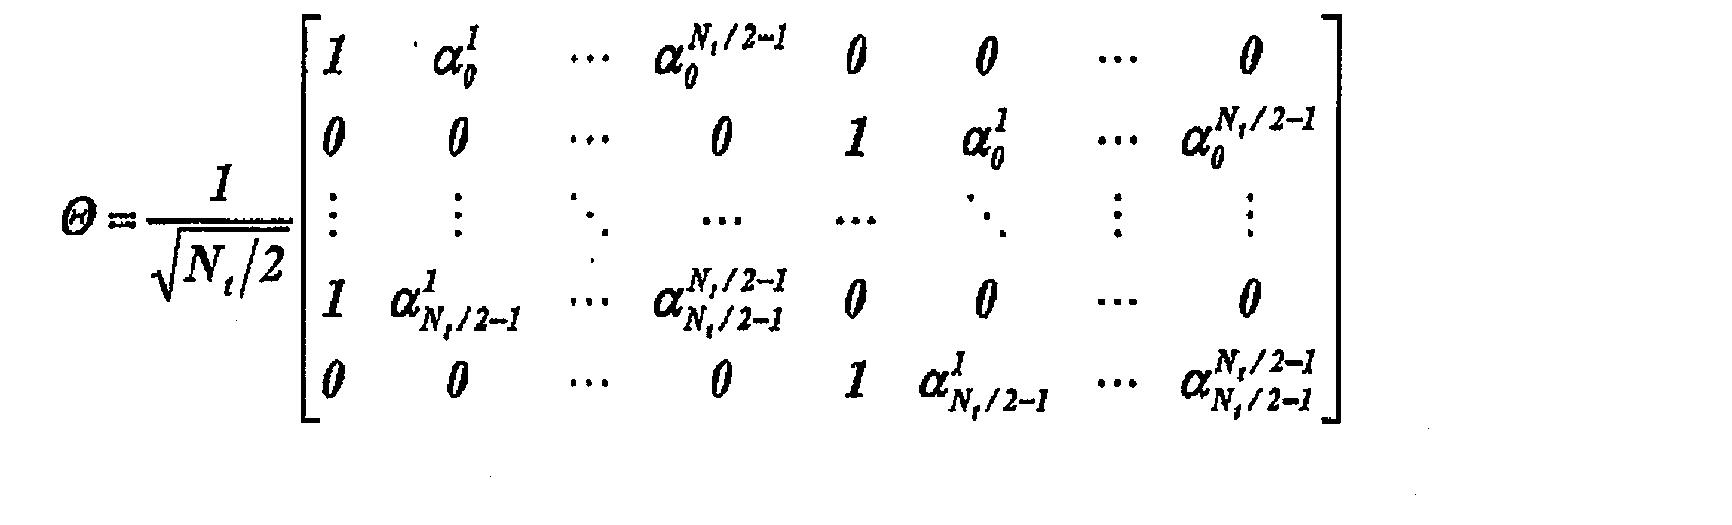 Figure CN1969522BC00042